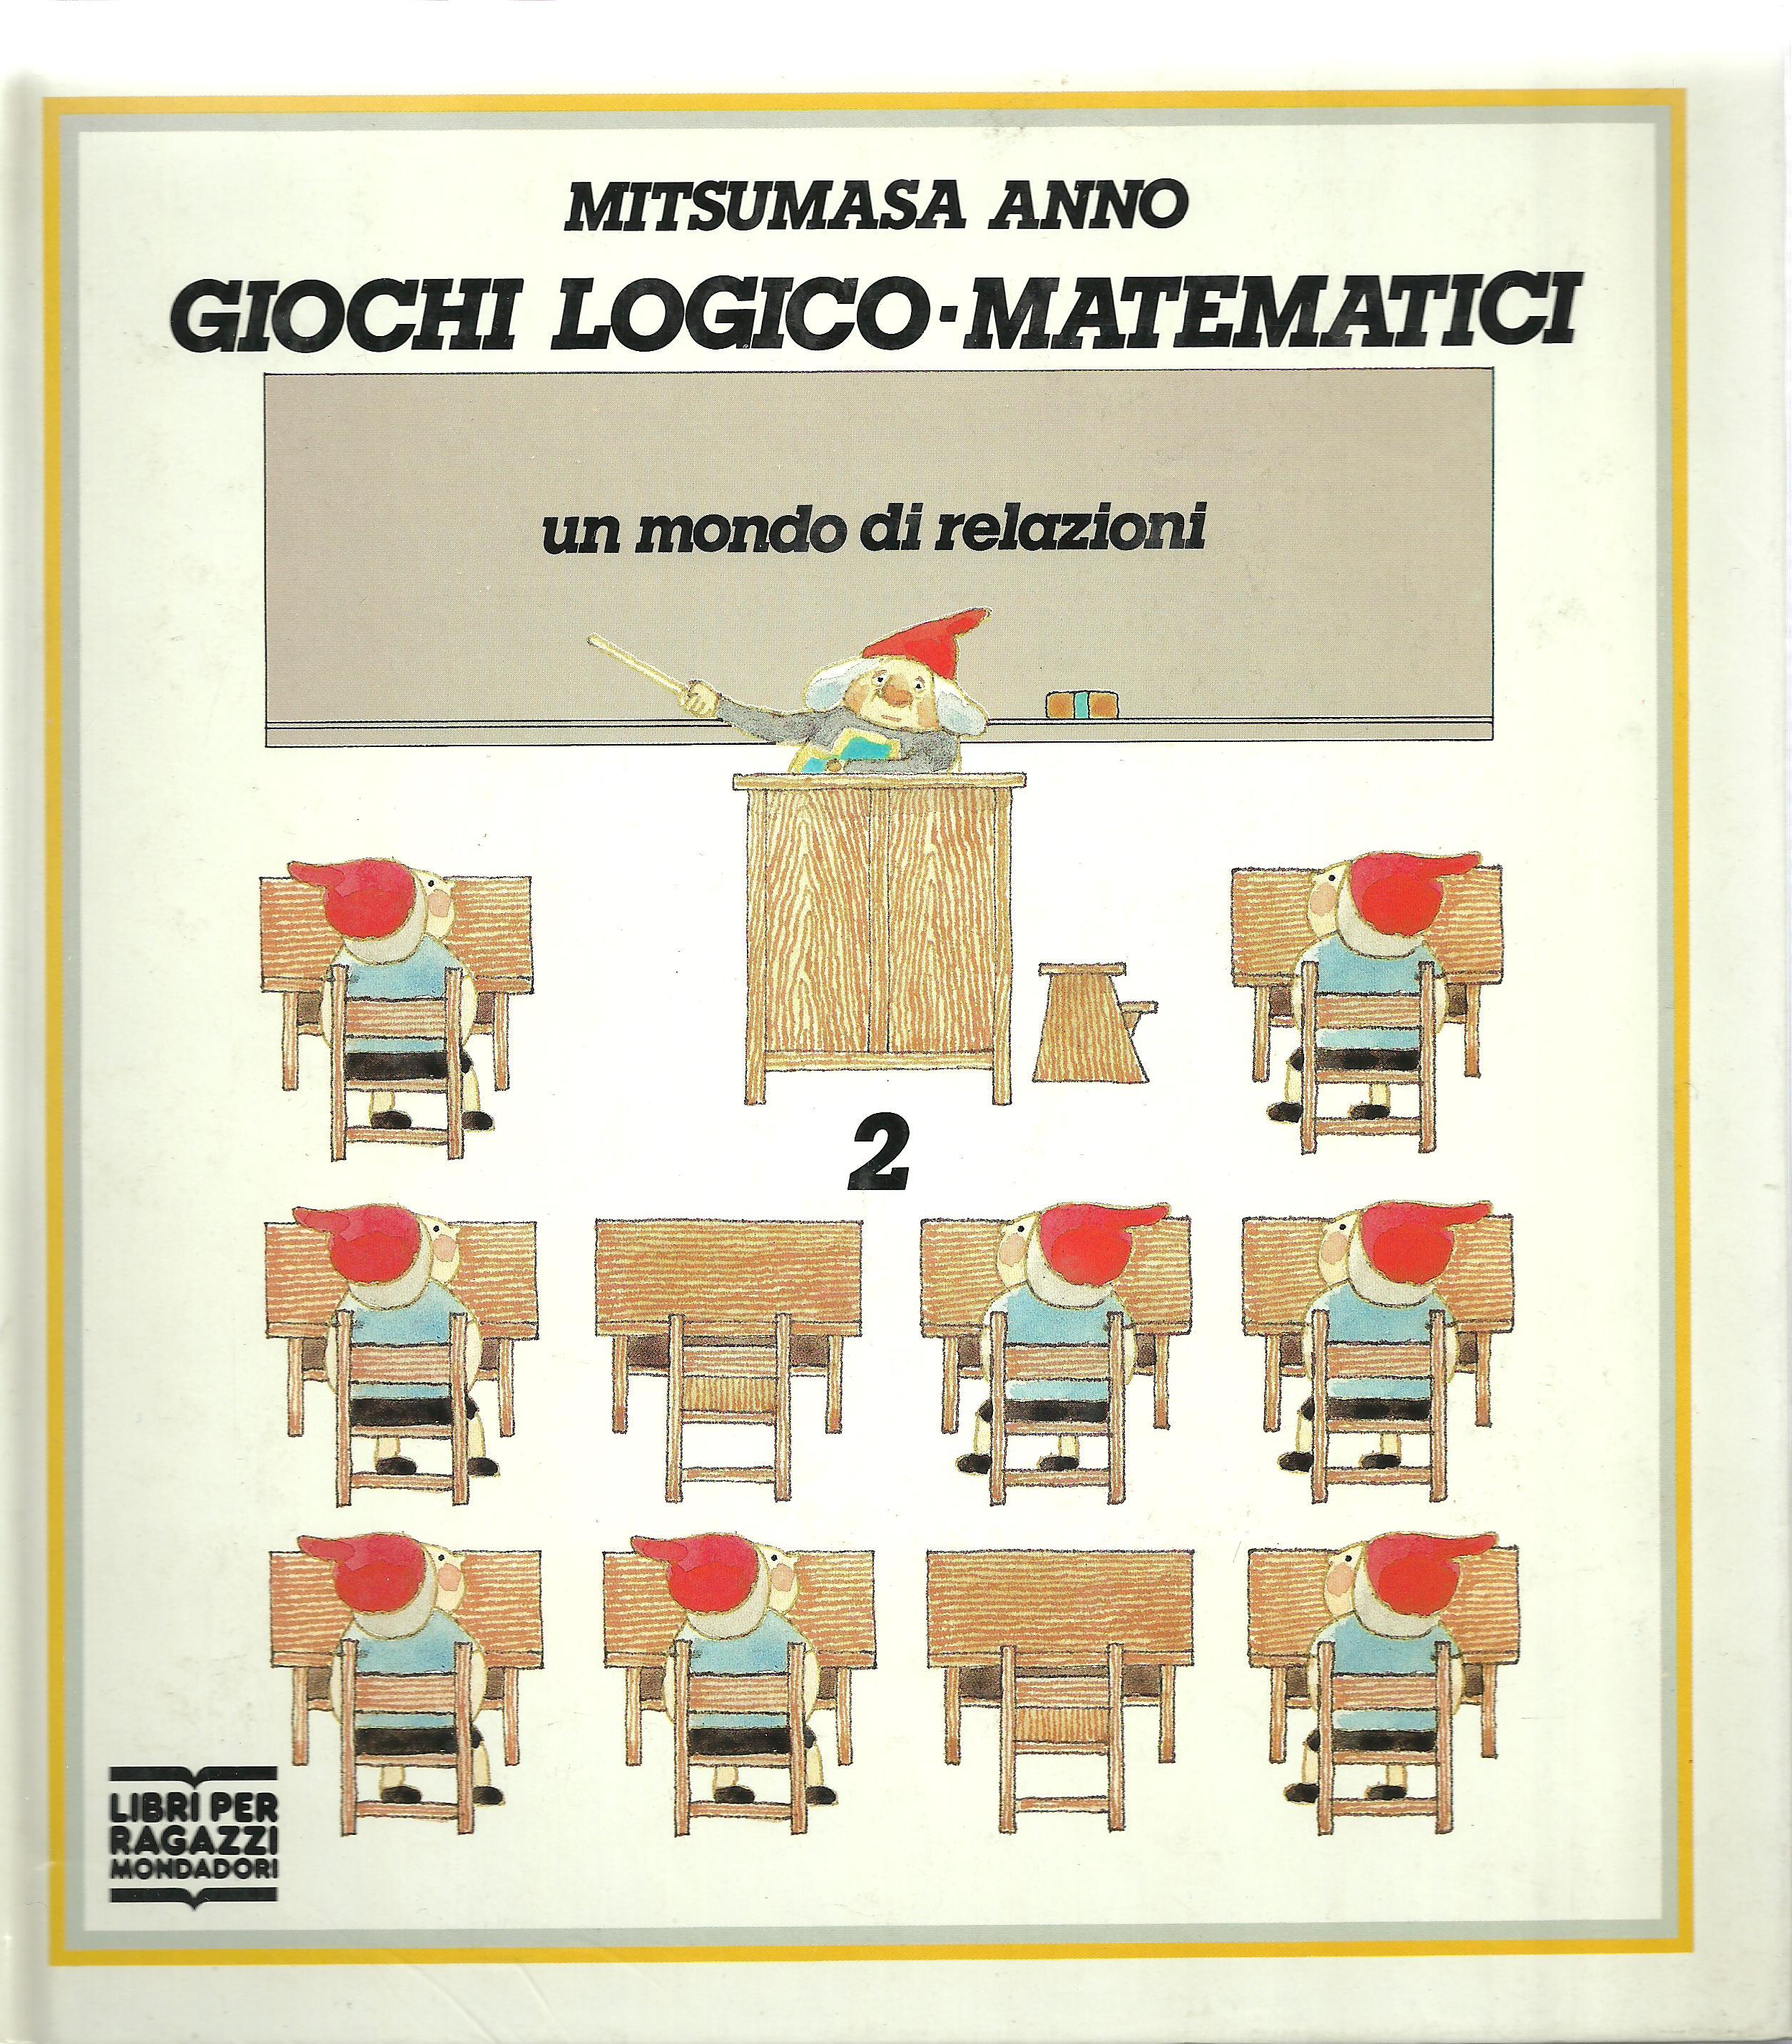 Giochi logico-matematici